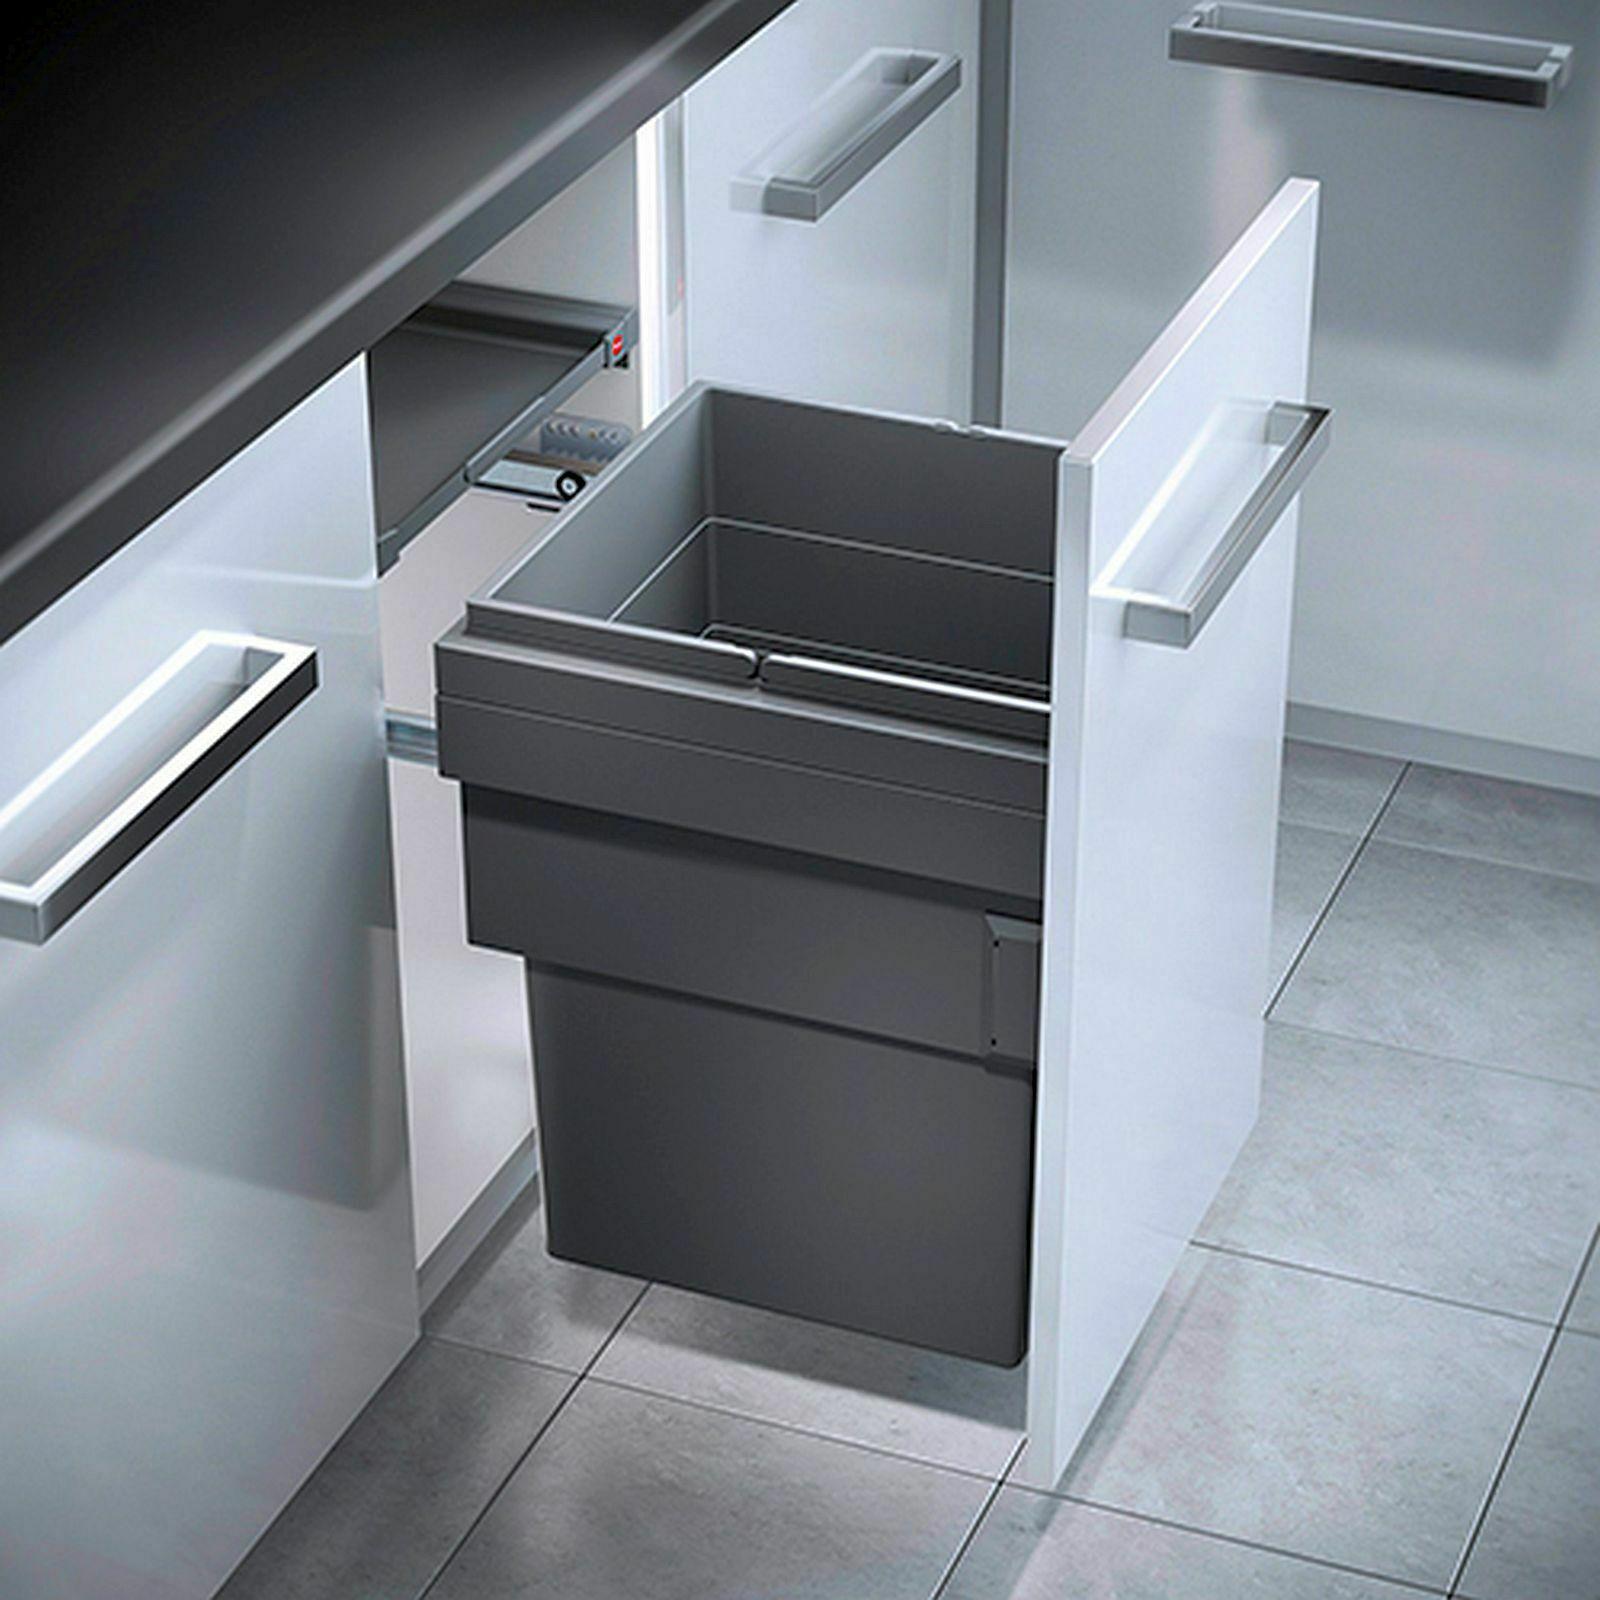 Einbau Mülleimer Küche 20 L Hailo Cargo Müllsystem Gastro Abfalleimer  *20